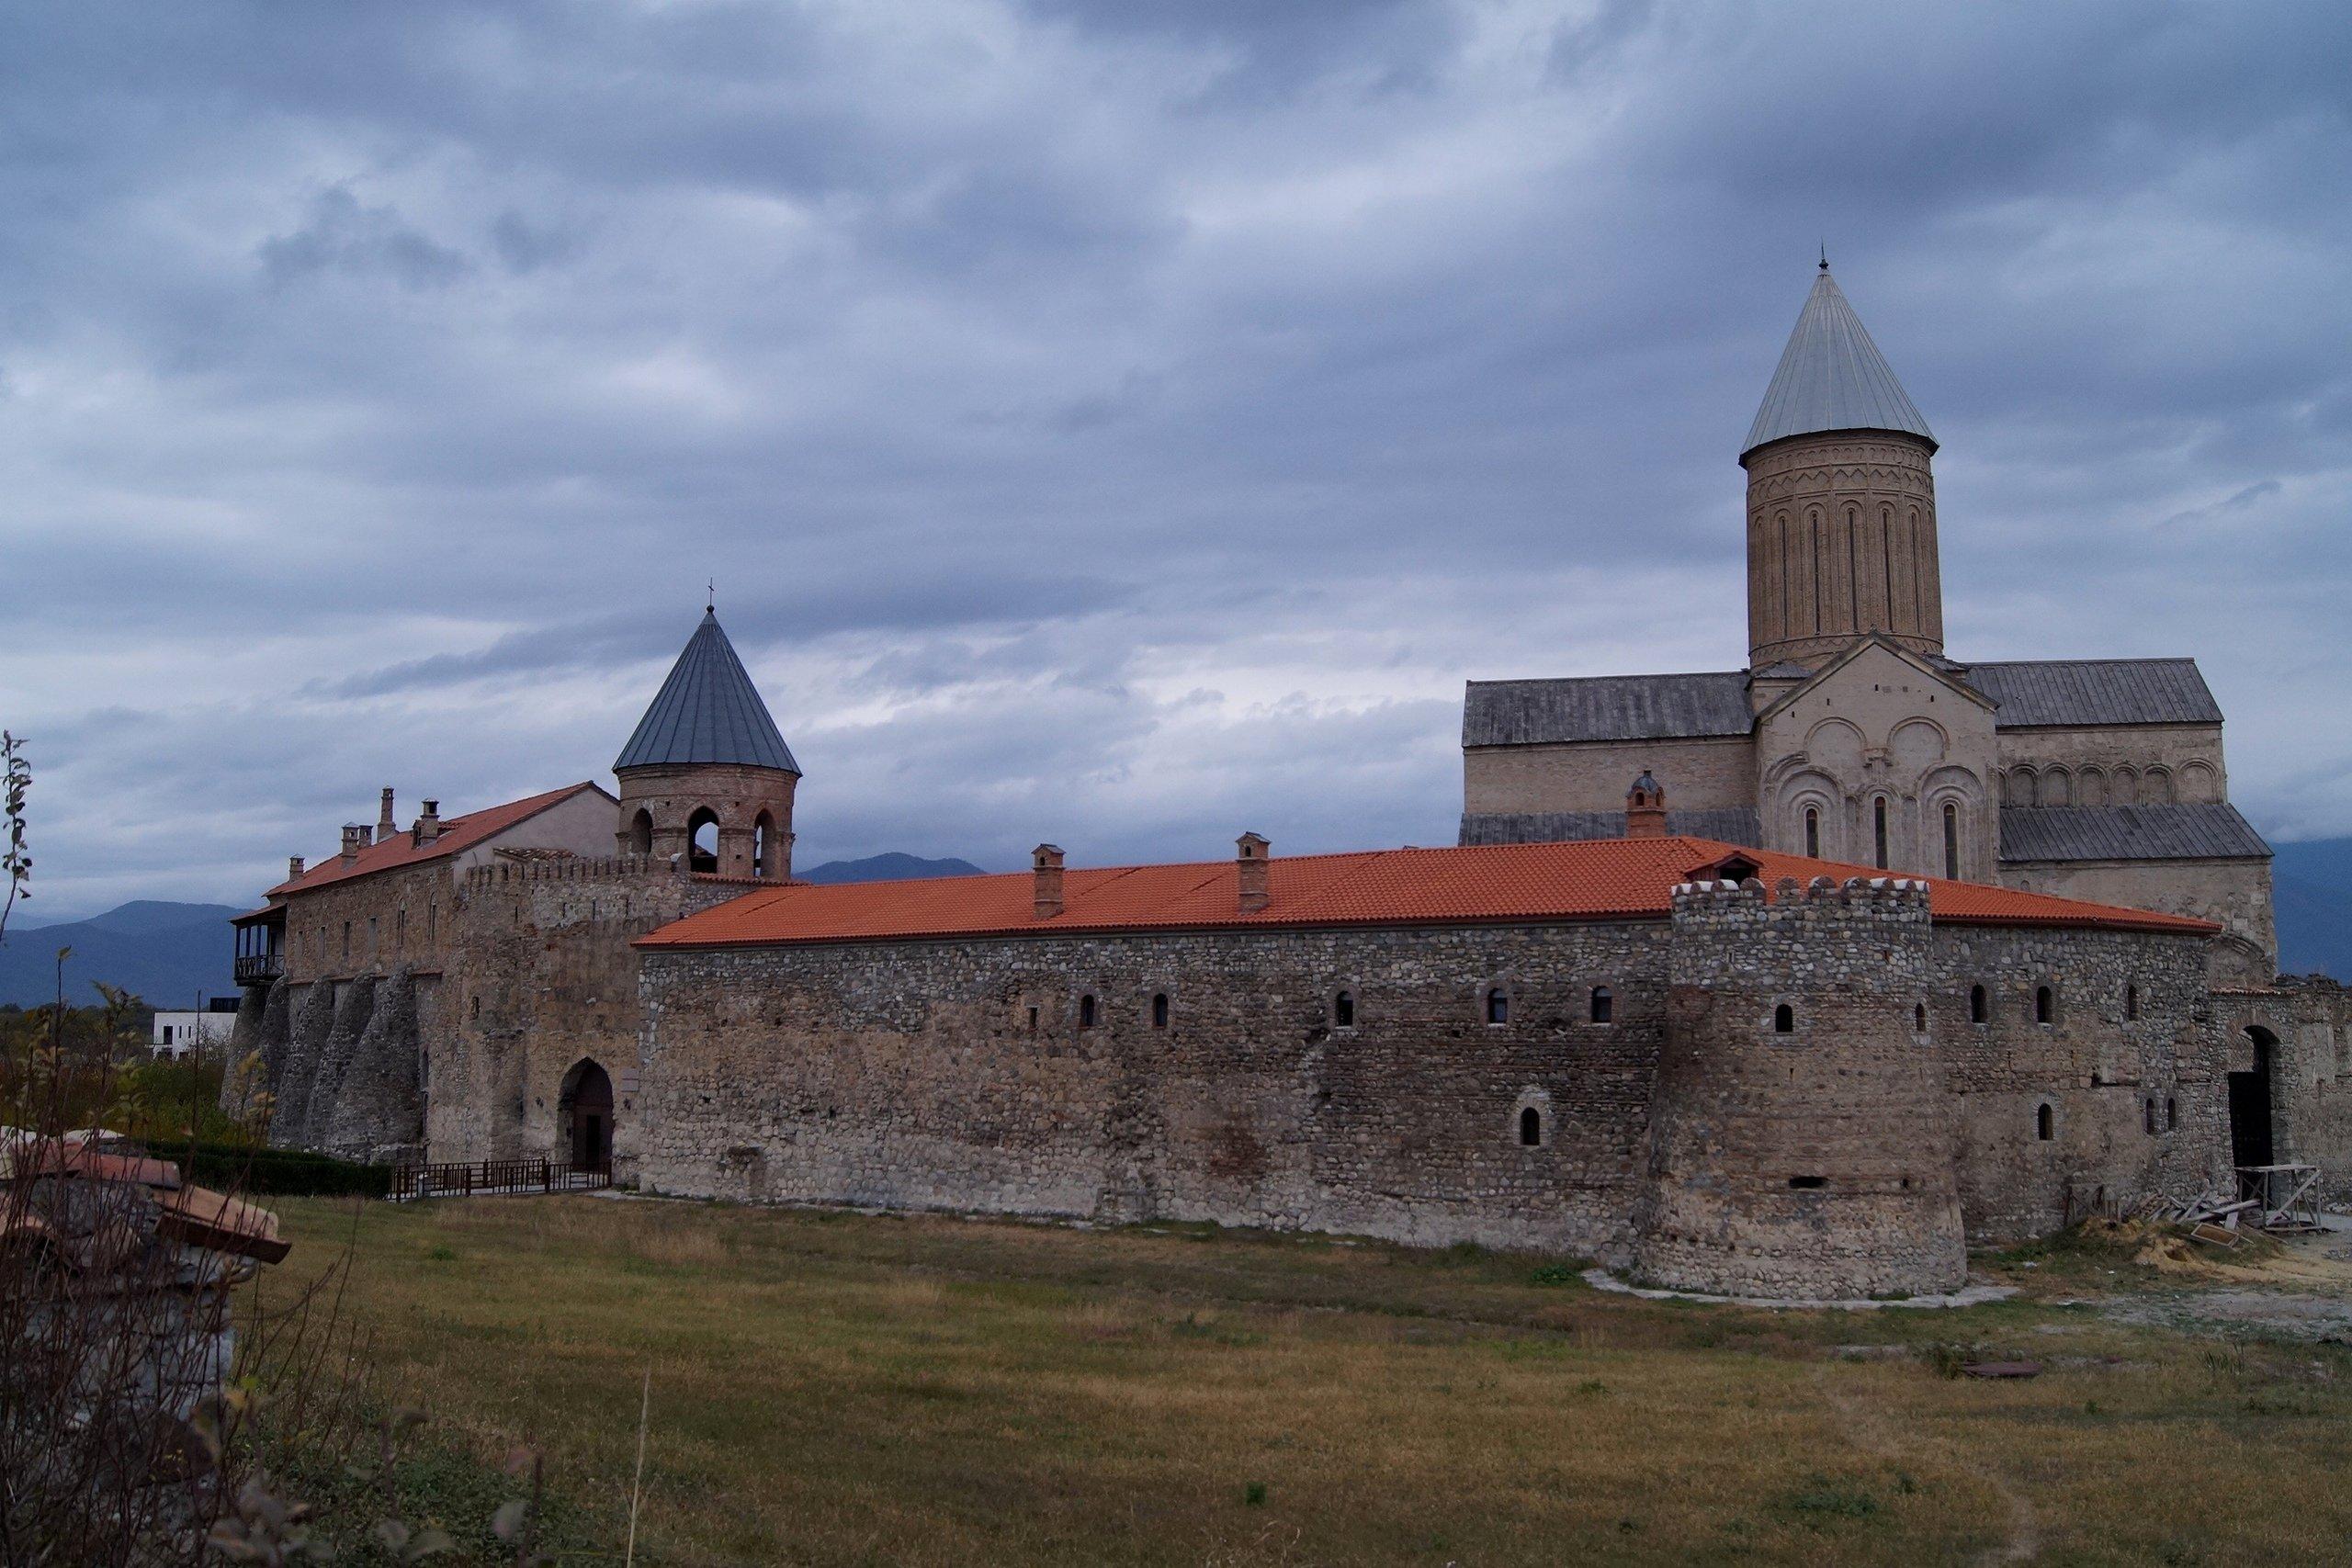 Кахетия. Монастырь Алаверди (Заметки из солнечного отпуска. День 12)